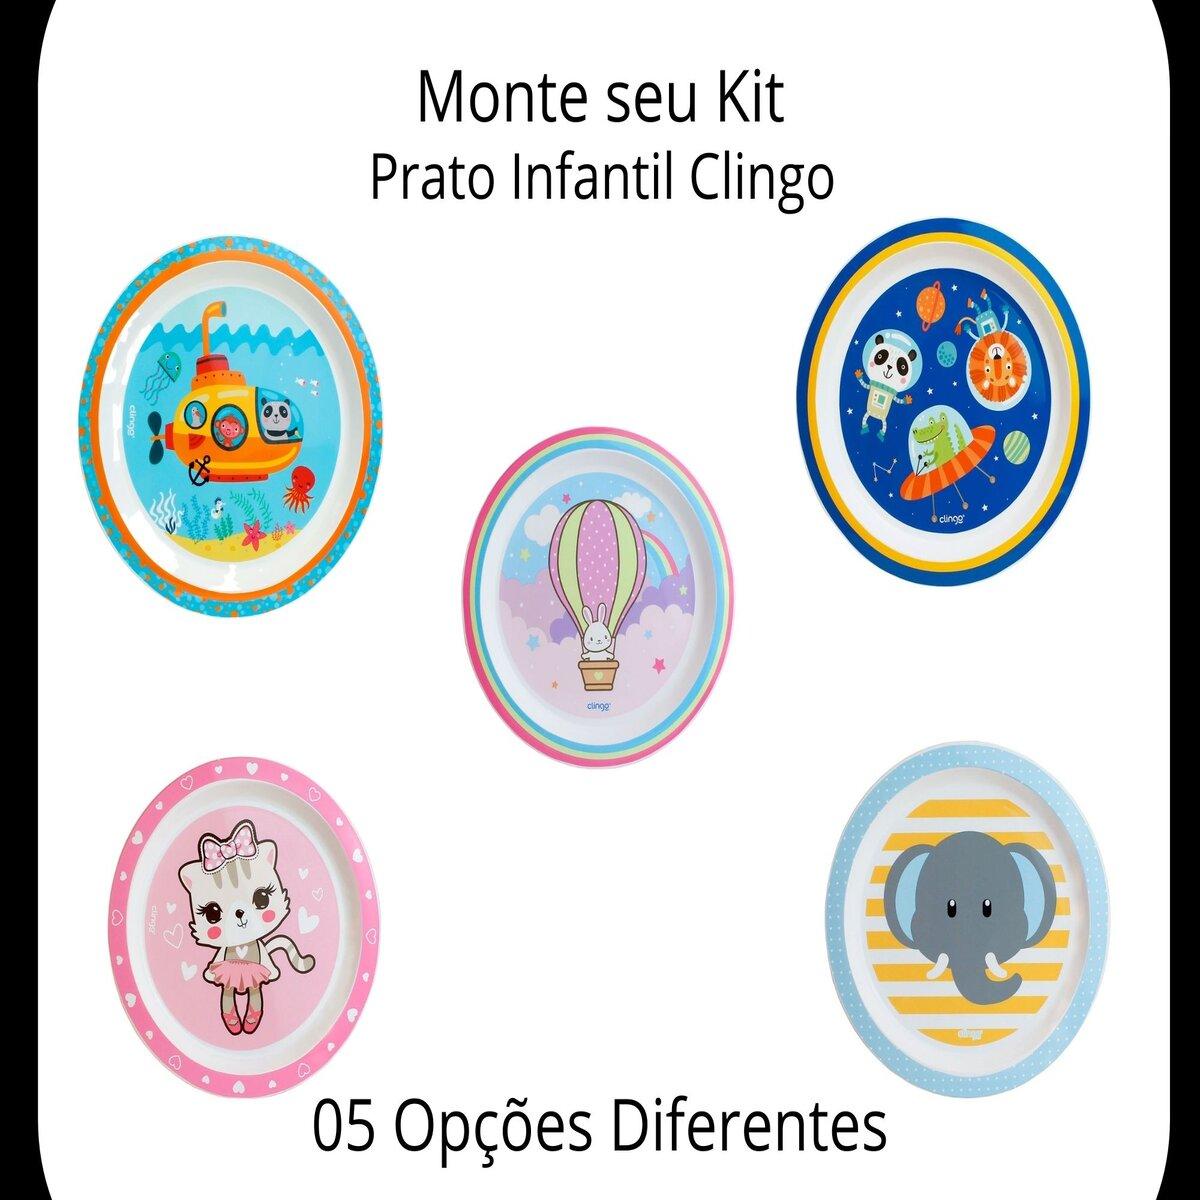 Prato Infantil Bebe Diferentes Estampas Menino Menina Clingo